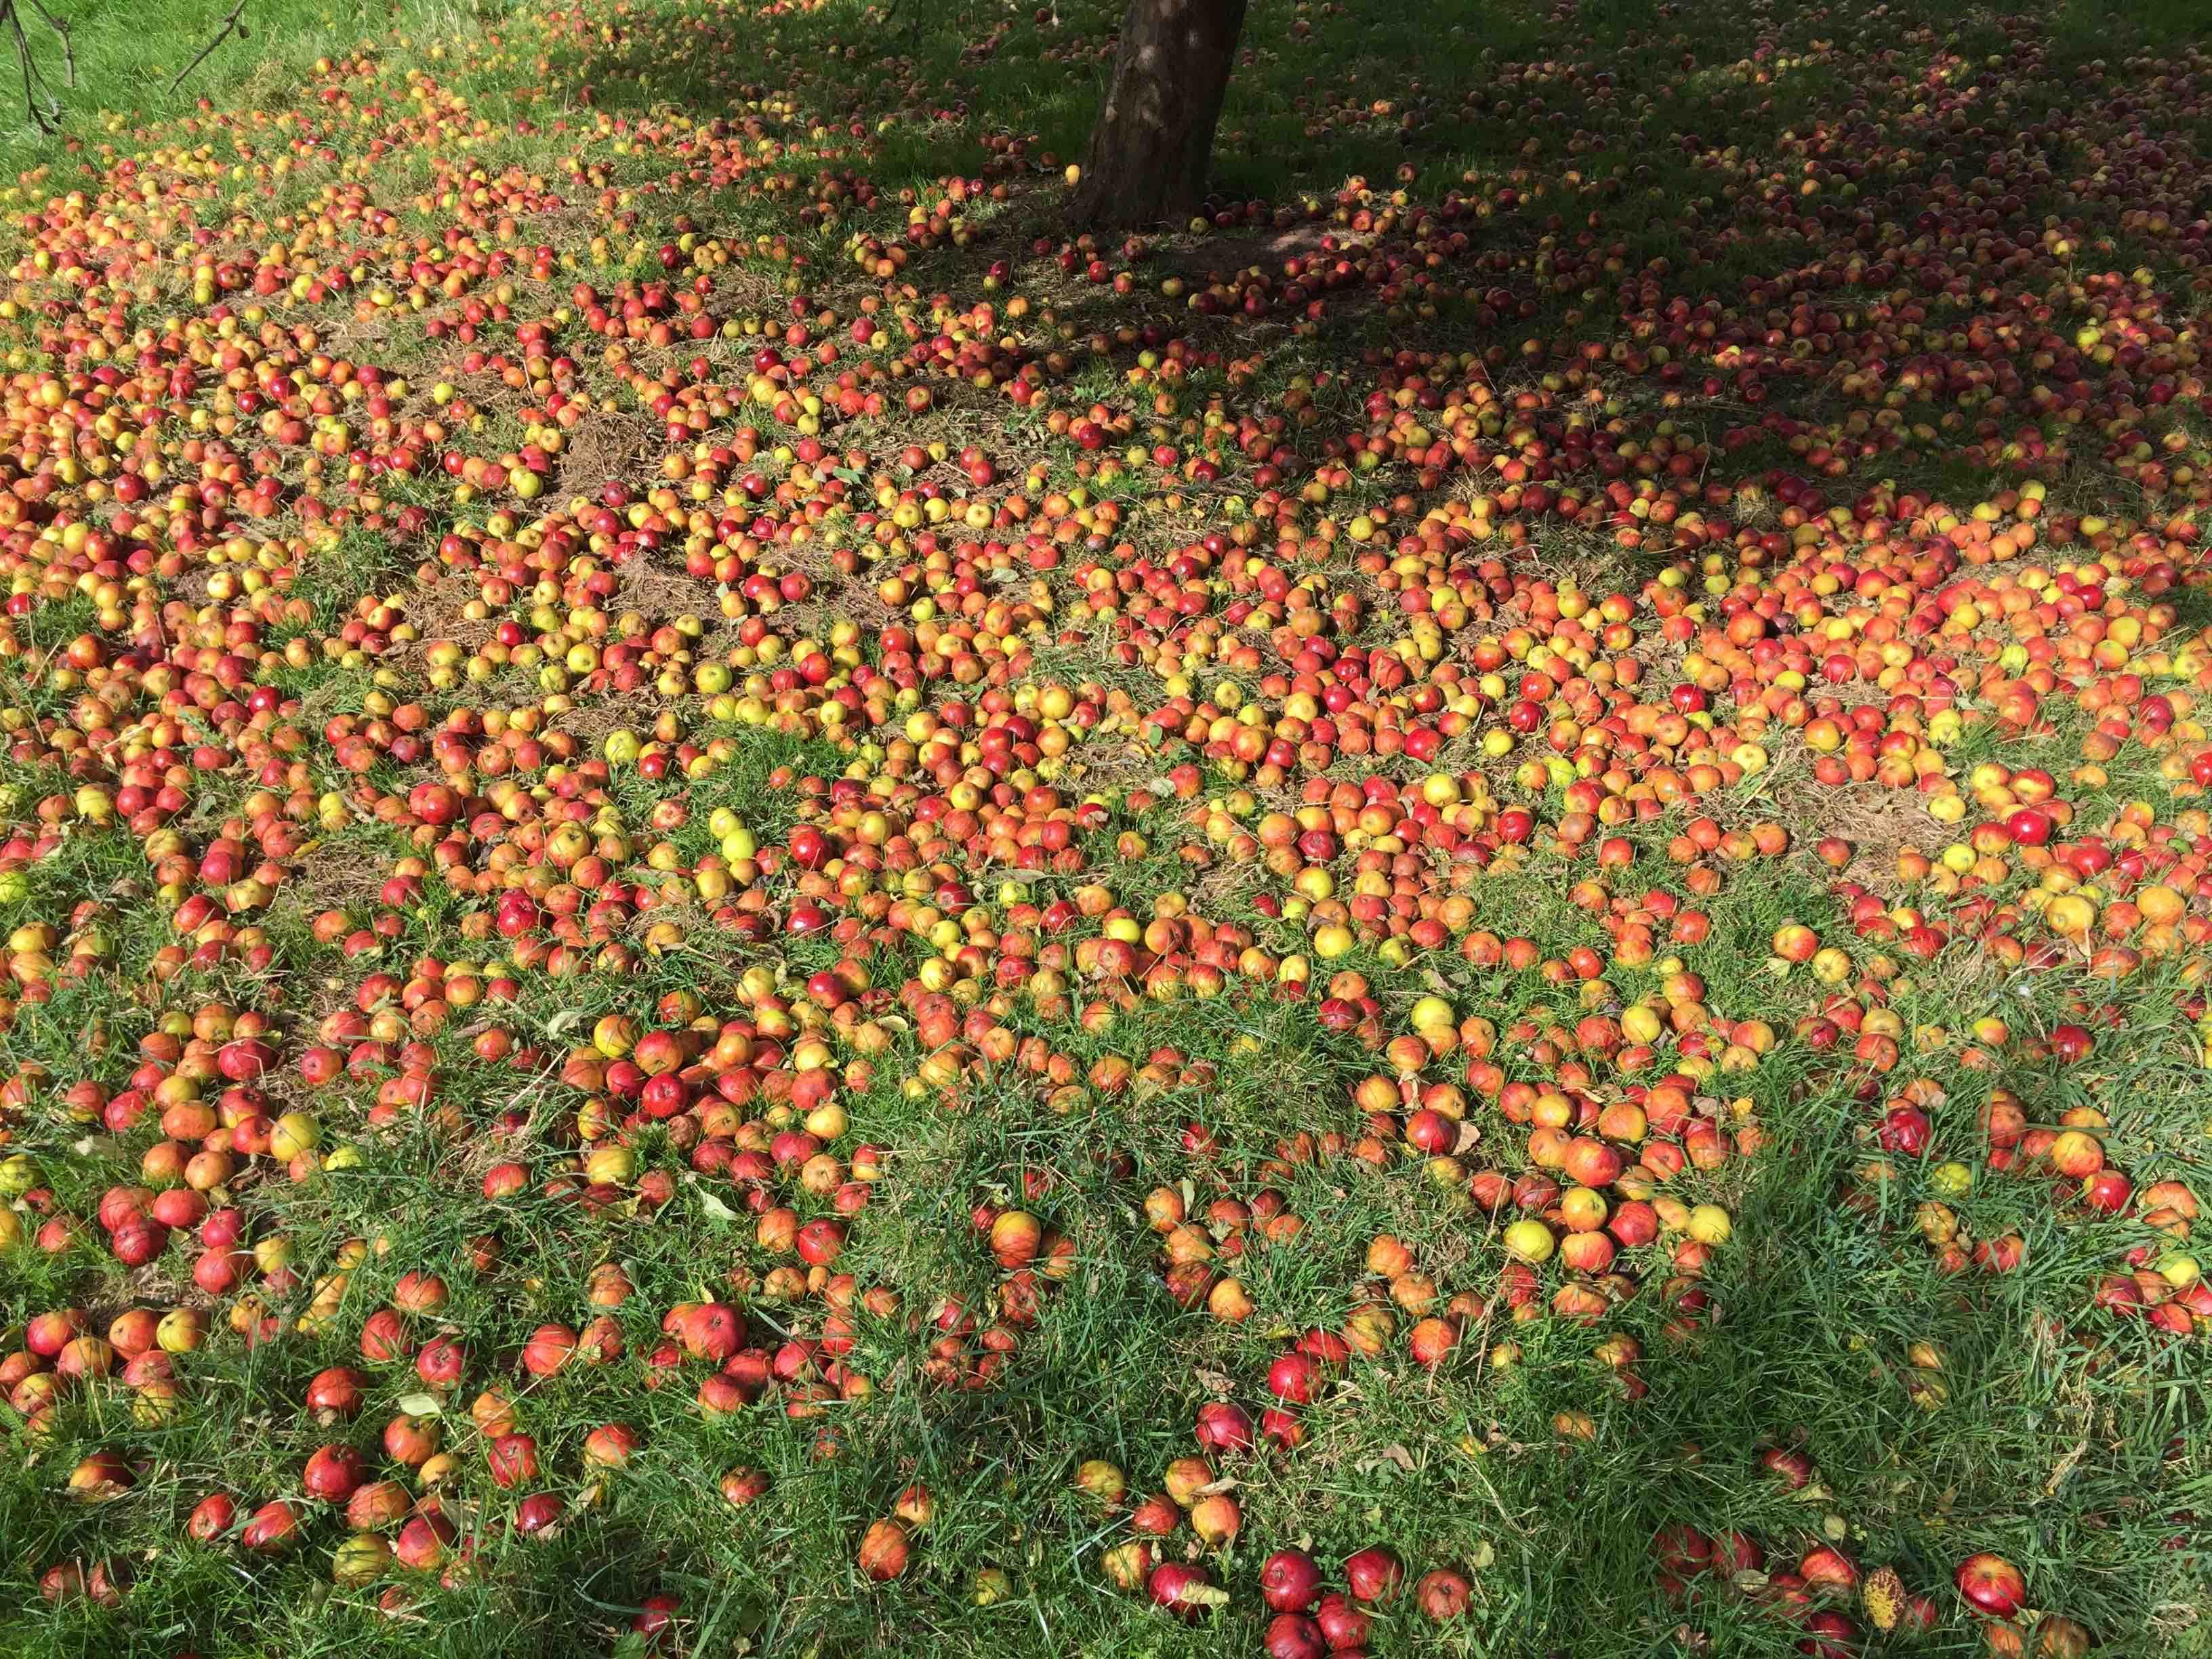 Oliver's Cider cider apples